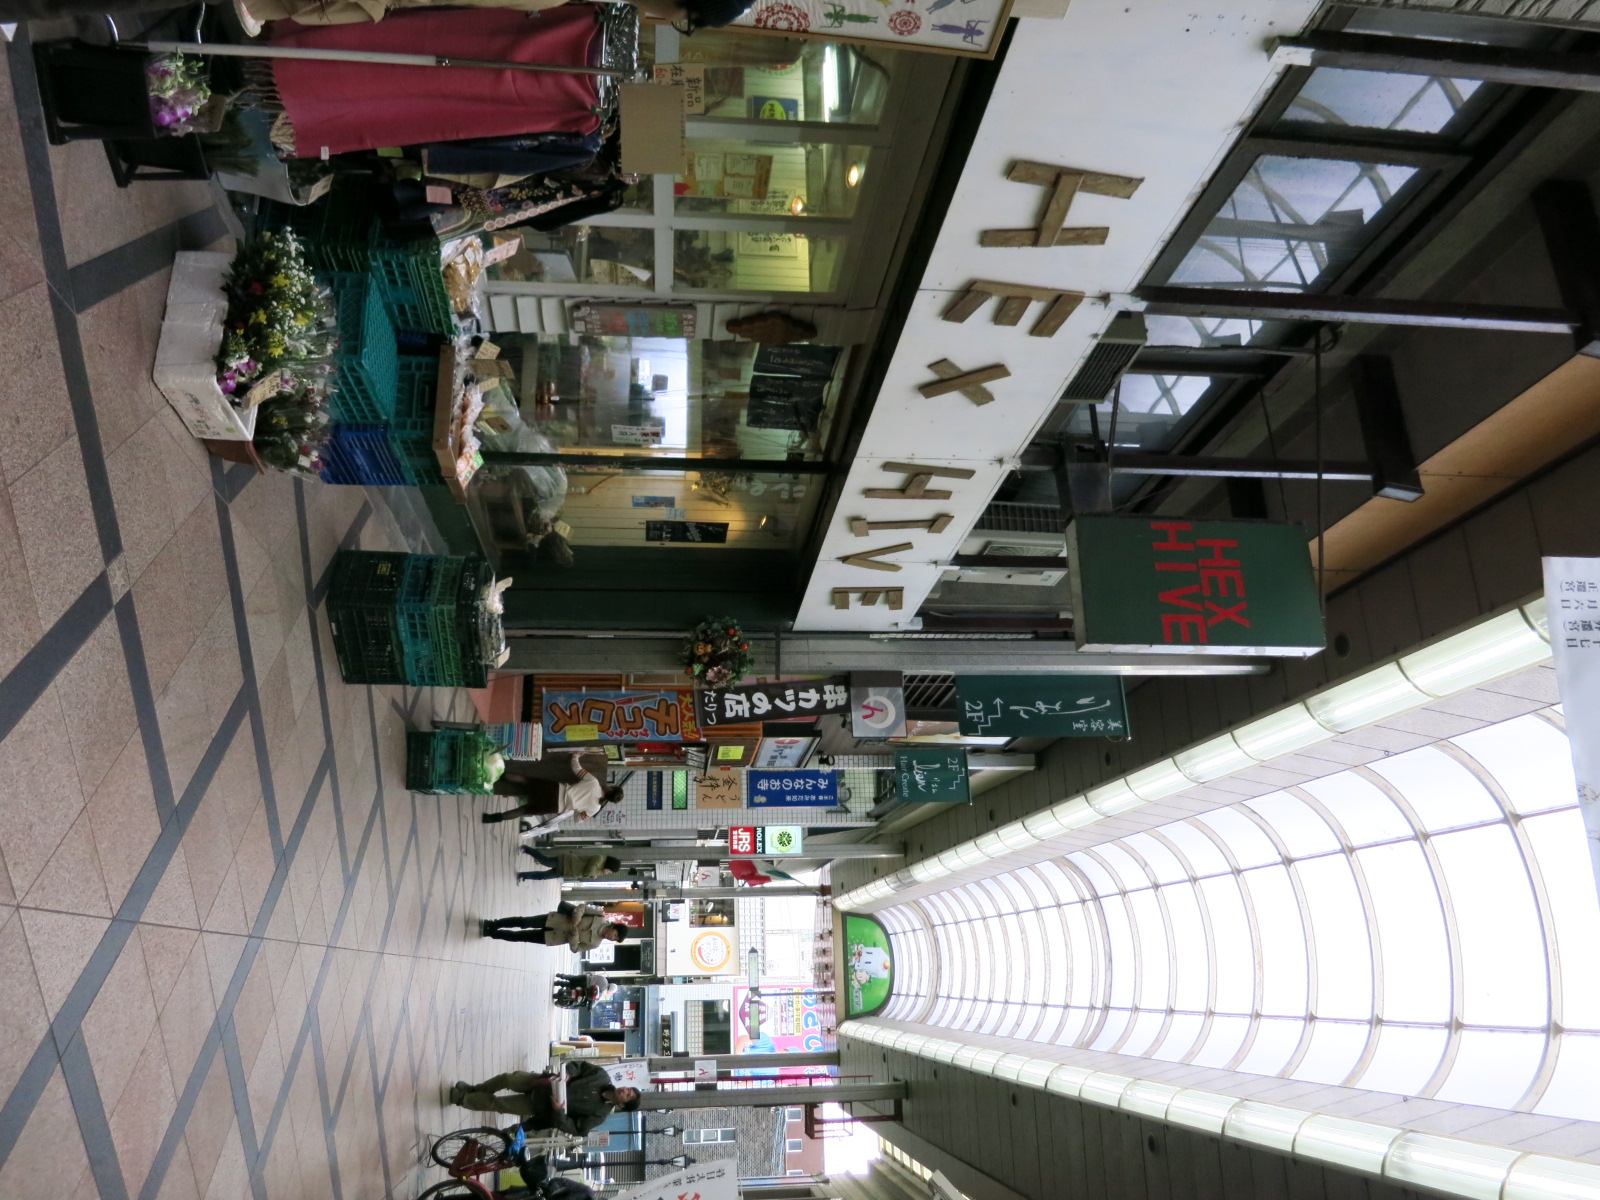 左手には、奈良県産の野菜やジャム、お豆腐なども売られた、古着屋さん「HEX HIVE」もあります。